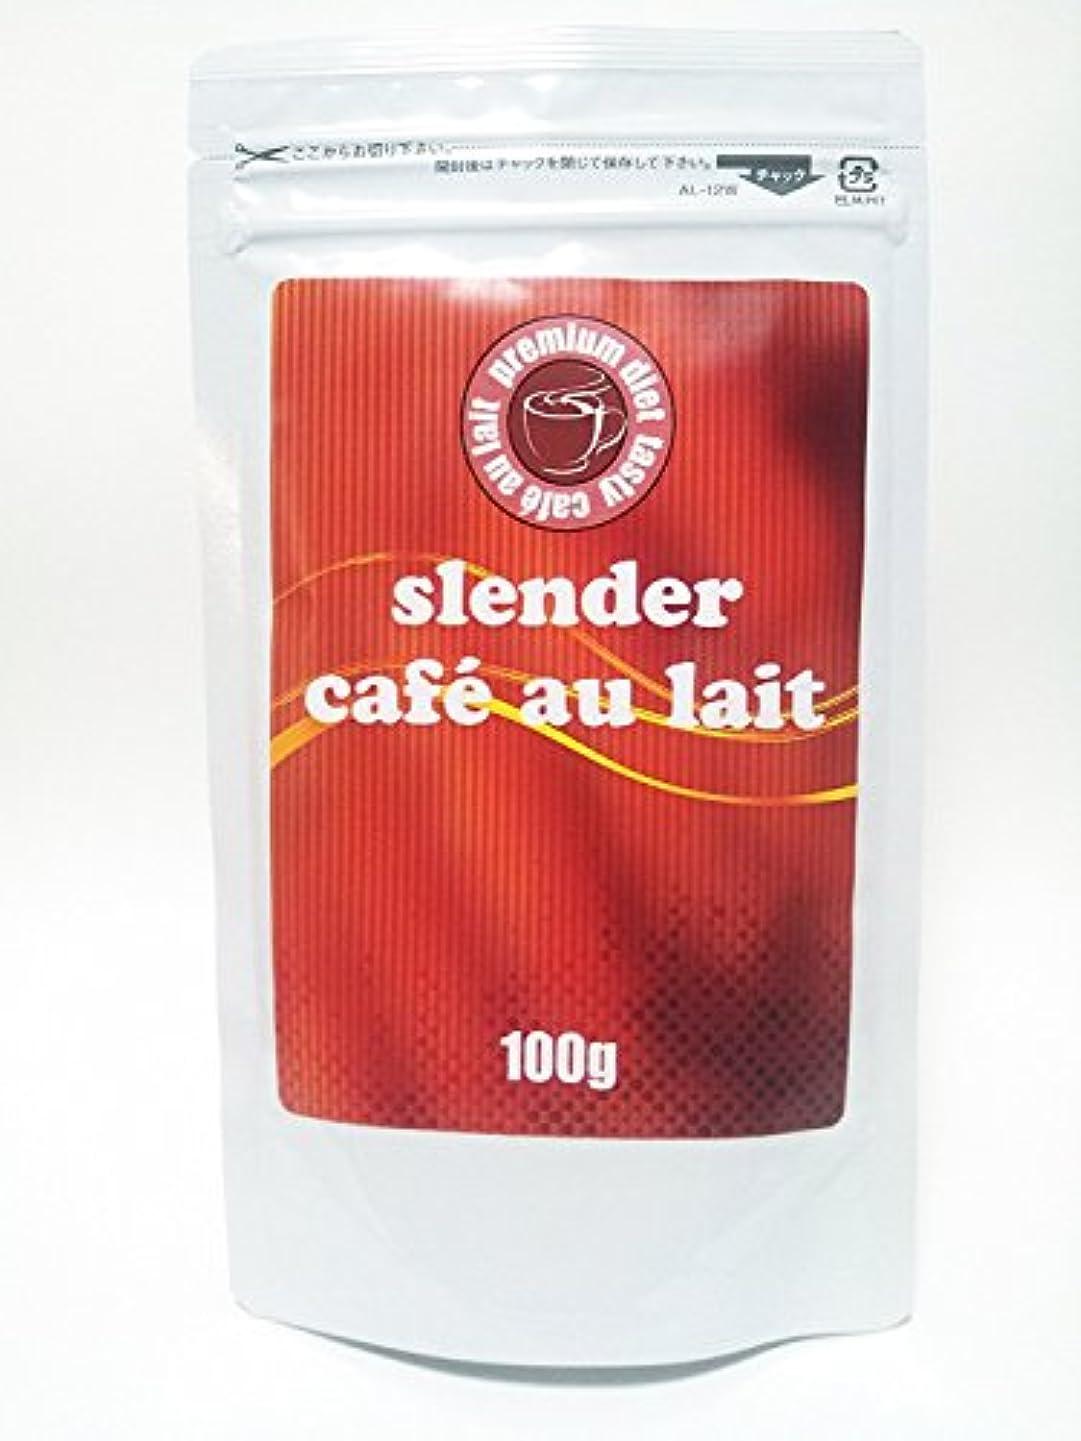 民間人冗談で可能スレンダーカフェオレ ダイエットドリンク 2個セット